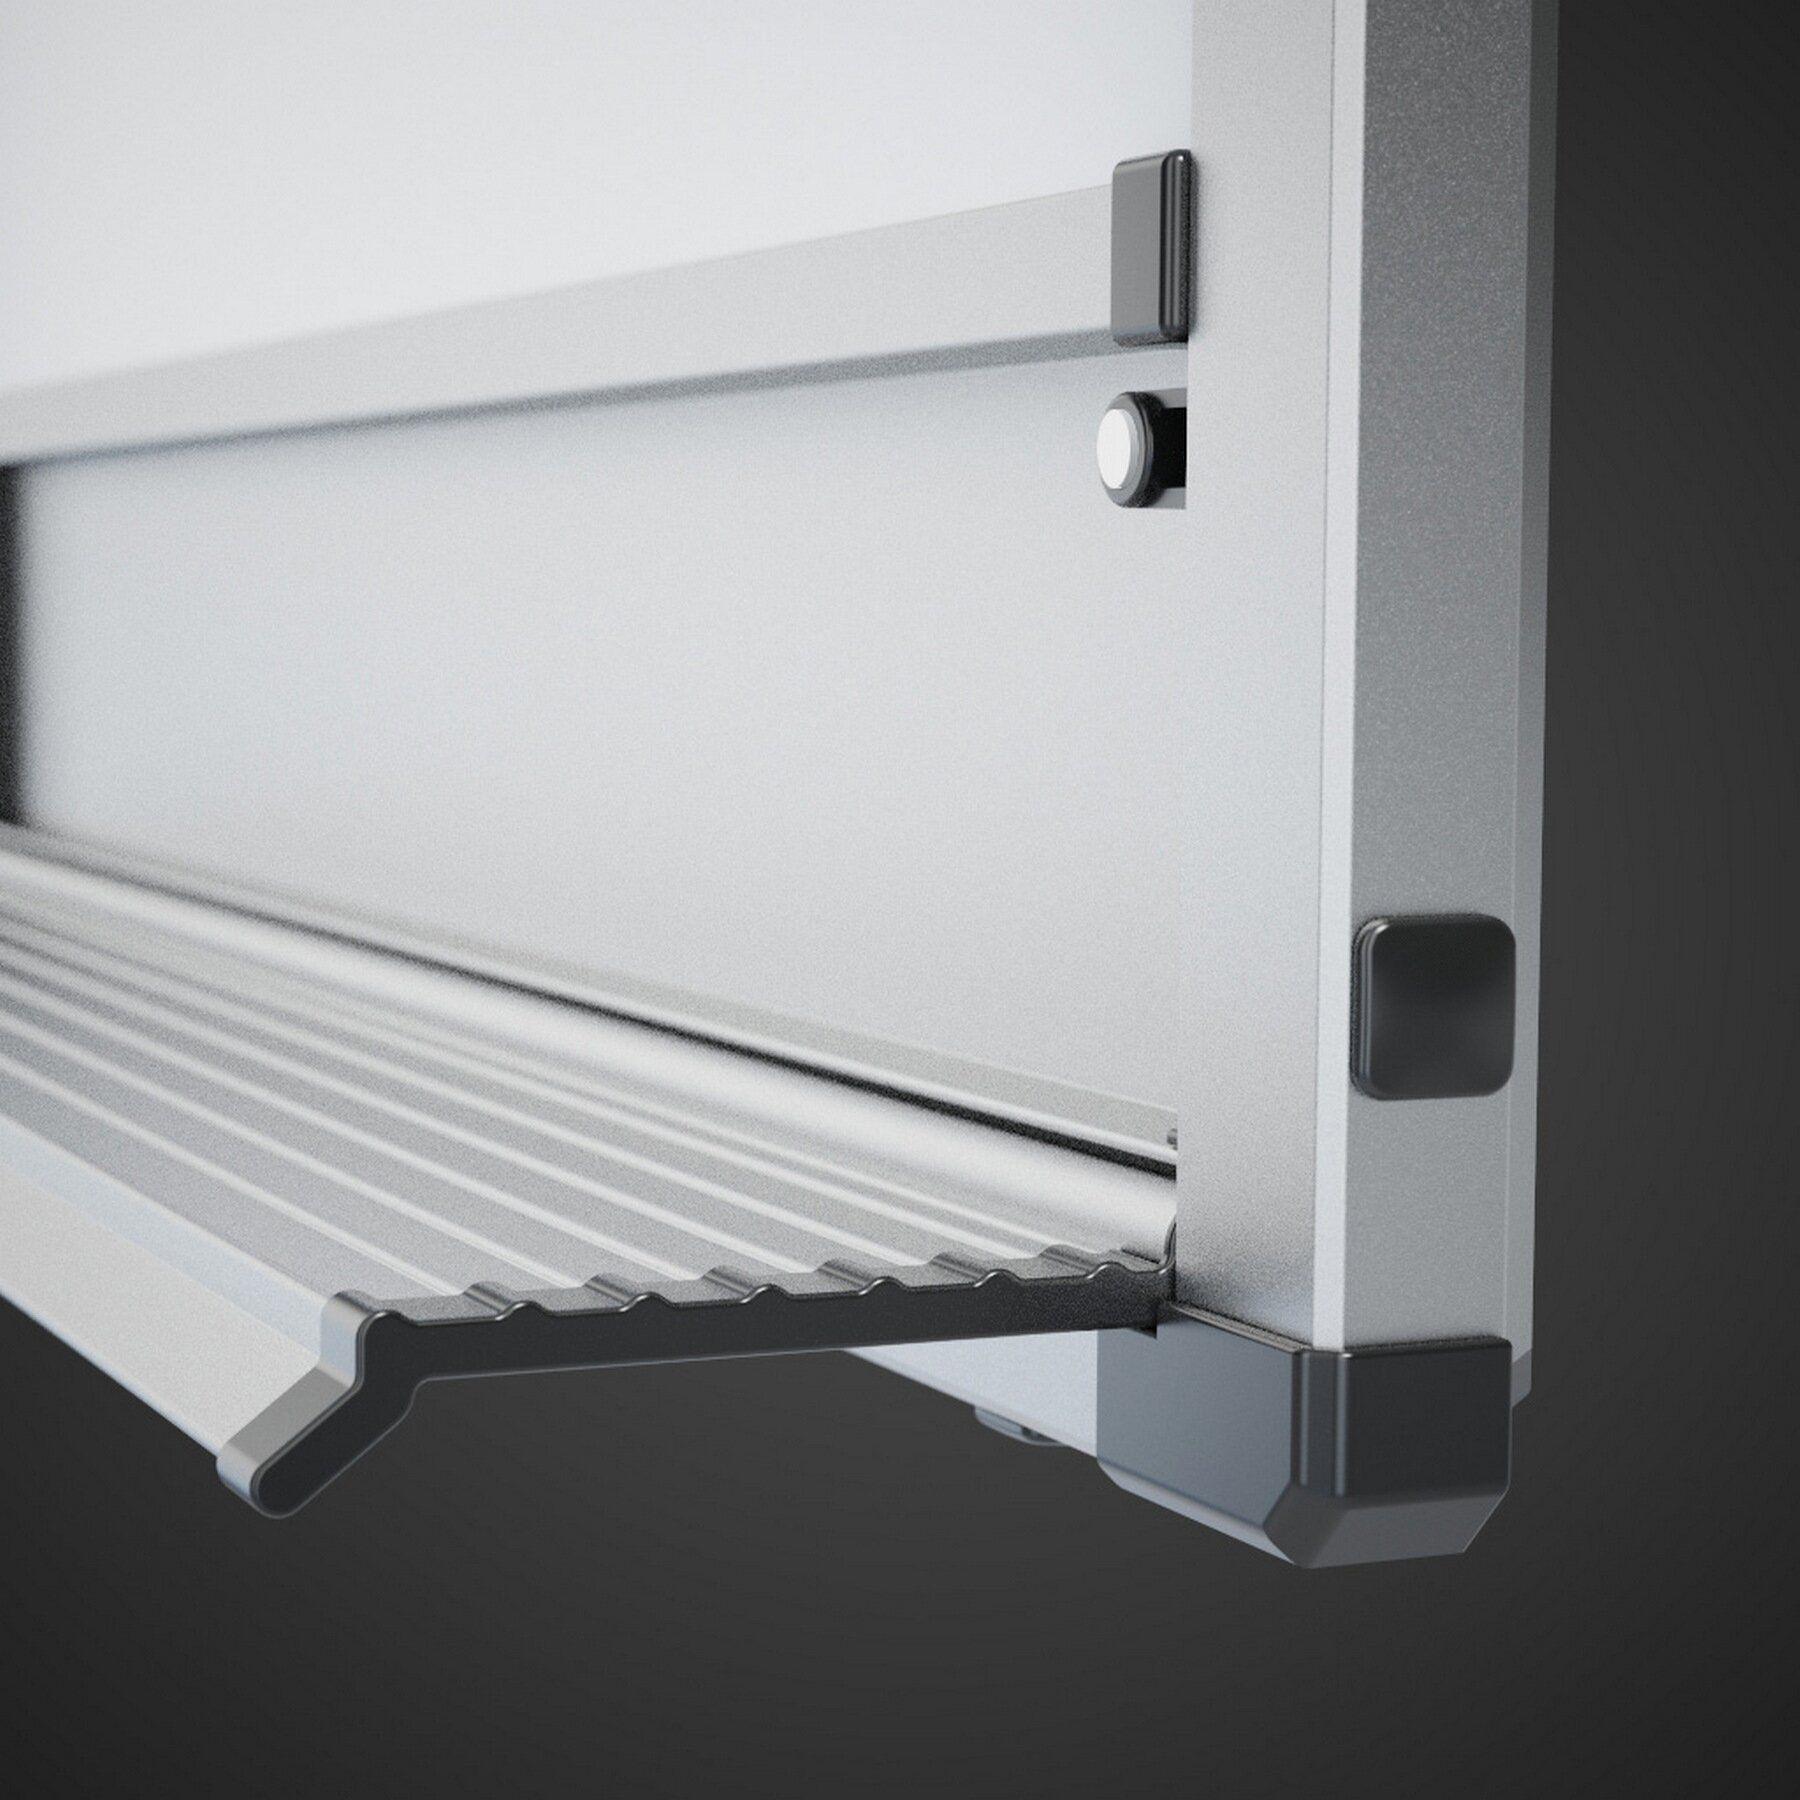 Доска белая магнитная сухостираемая StarBoard 60*90см., алюминиевая рамка, лак 2x3 - фото 2